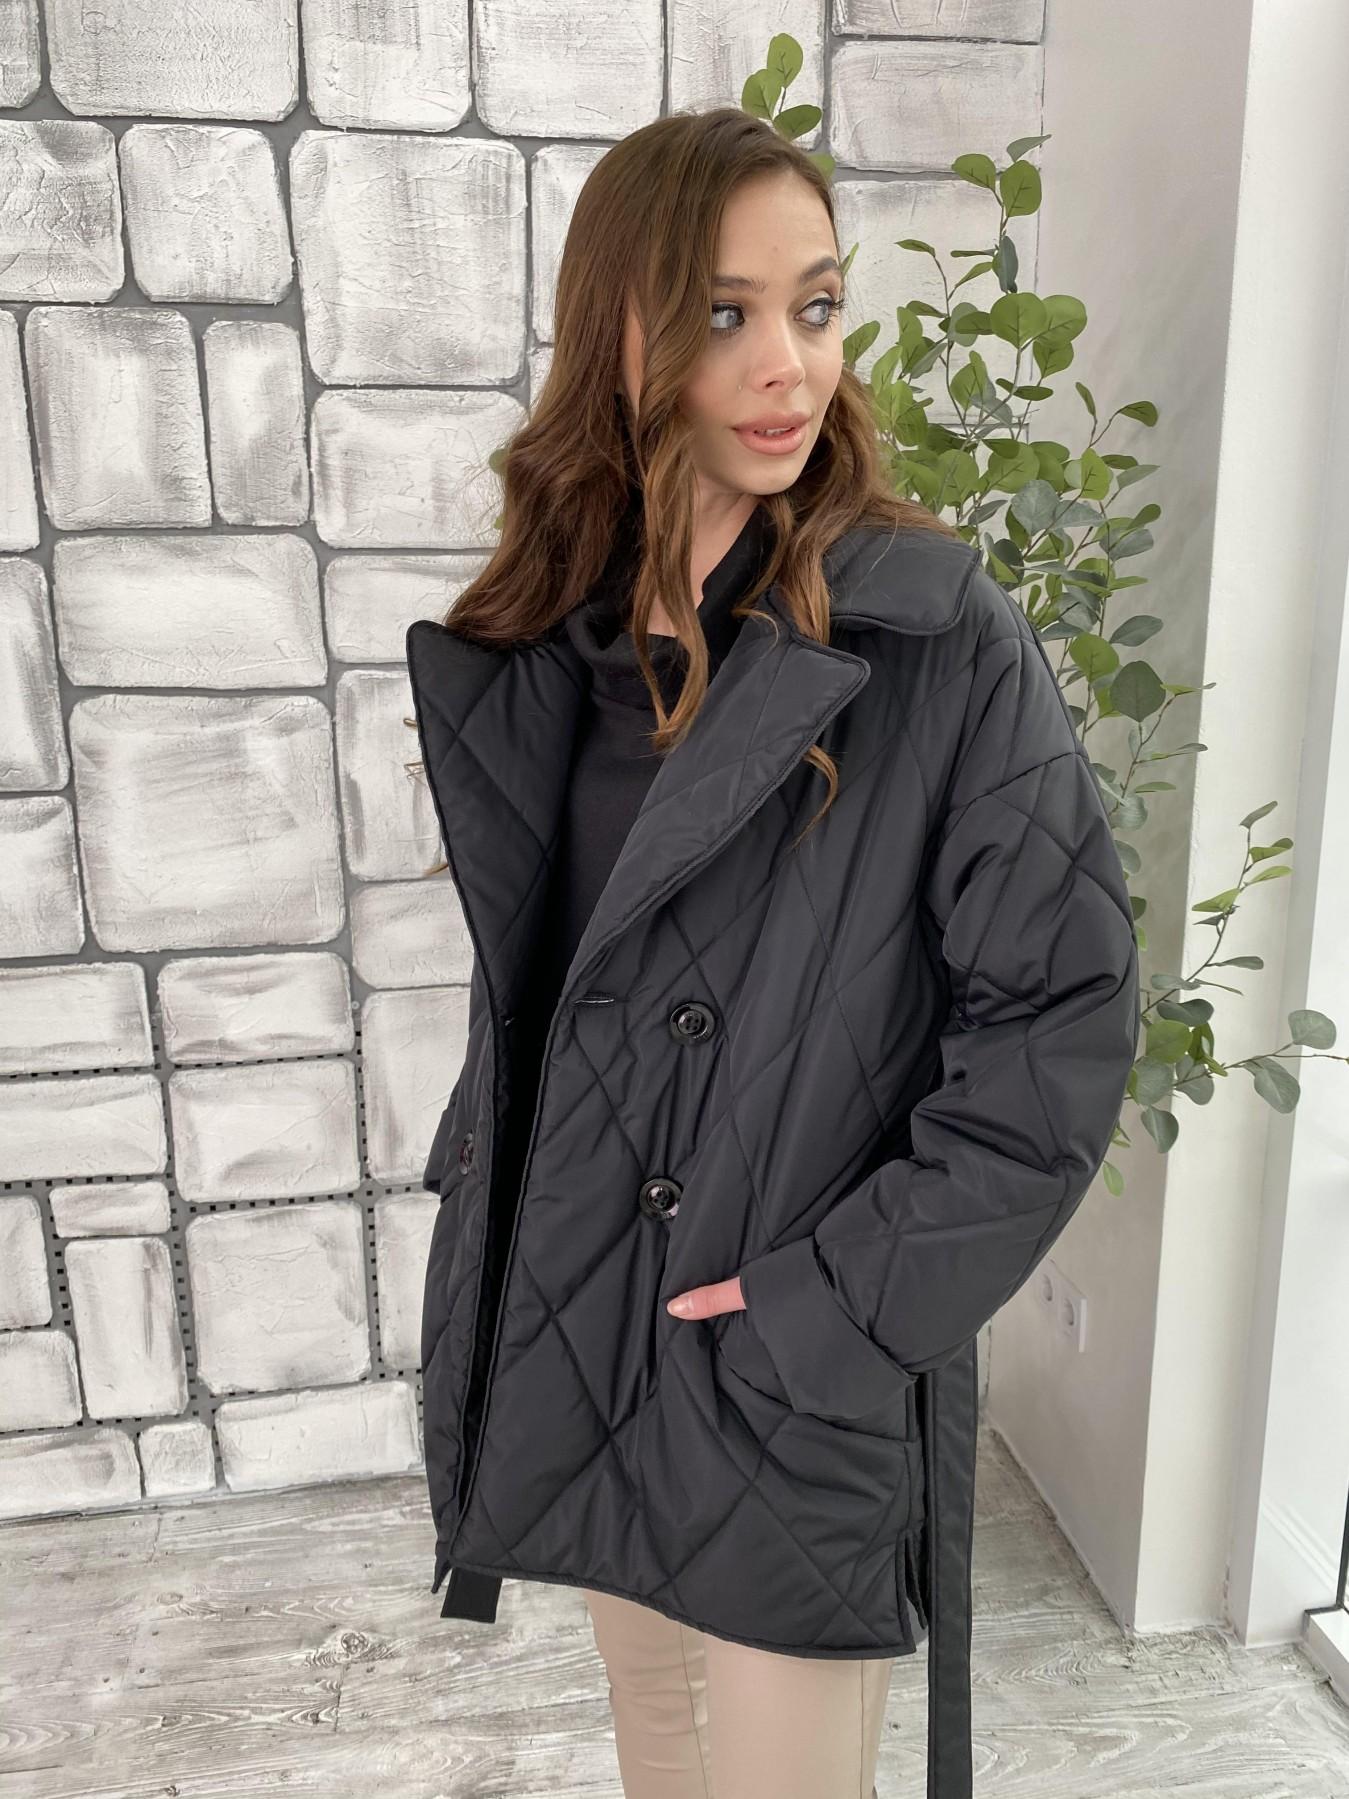 Норд куртка из плащевой ткани стеганая 10883 АРТ. 47354 Цвет: Черный - фото 2, интернет магазин tm-modus.ru